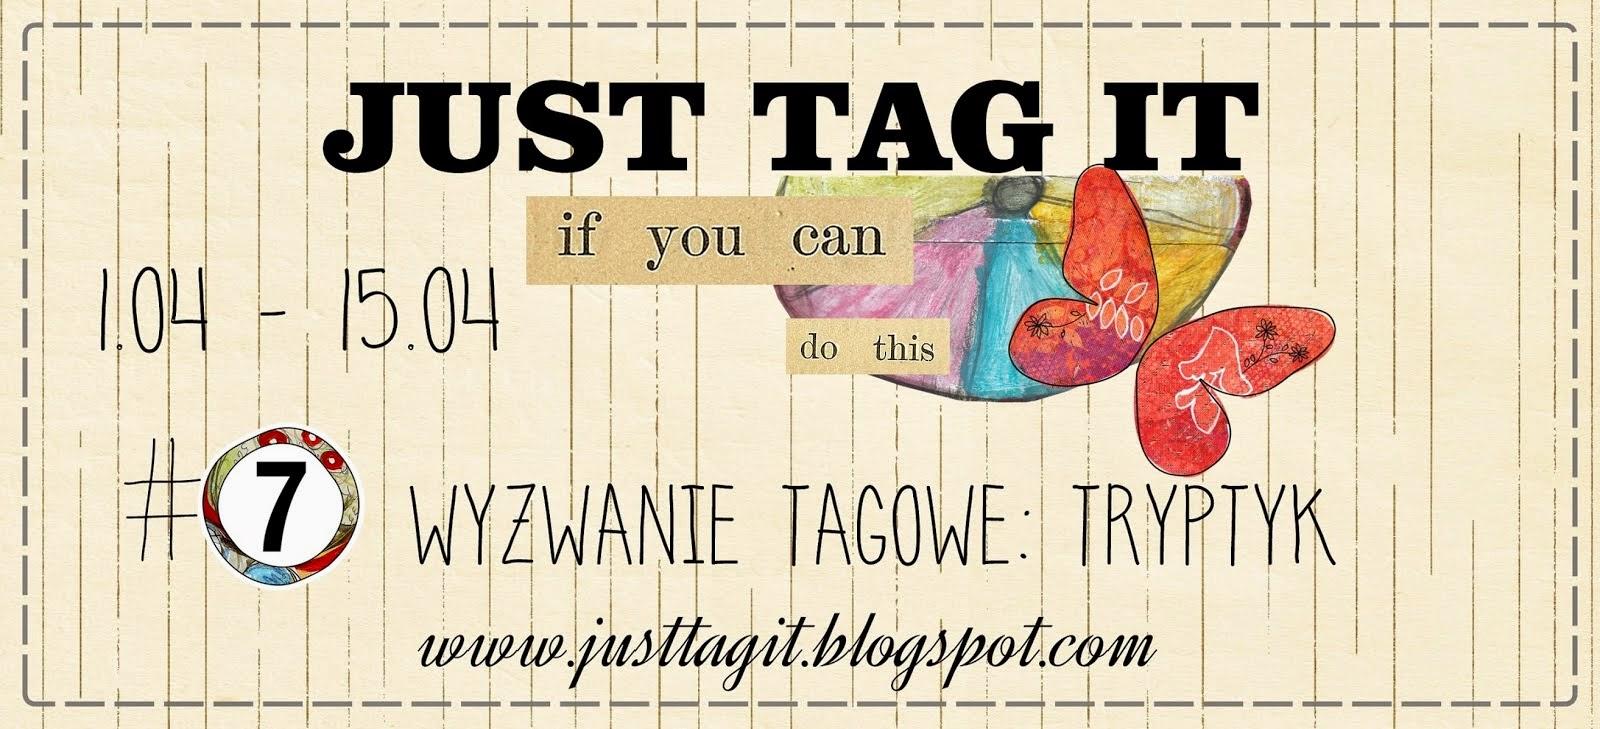 http://justtagit.blogspot.com/2015/04/7-wyzwanie-tryptyk-tagowy.html